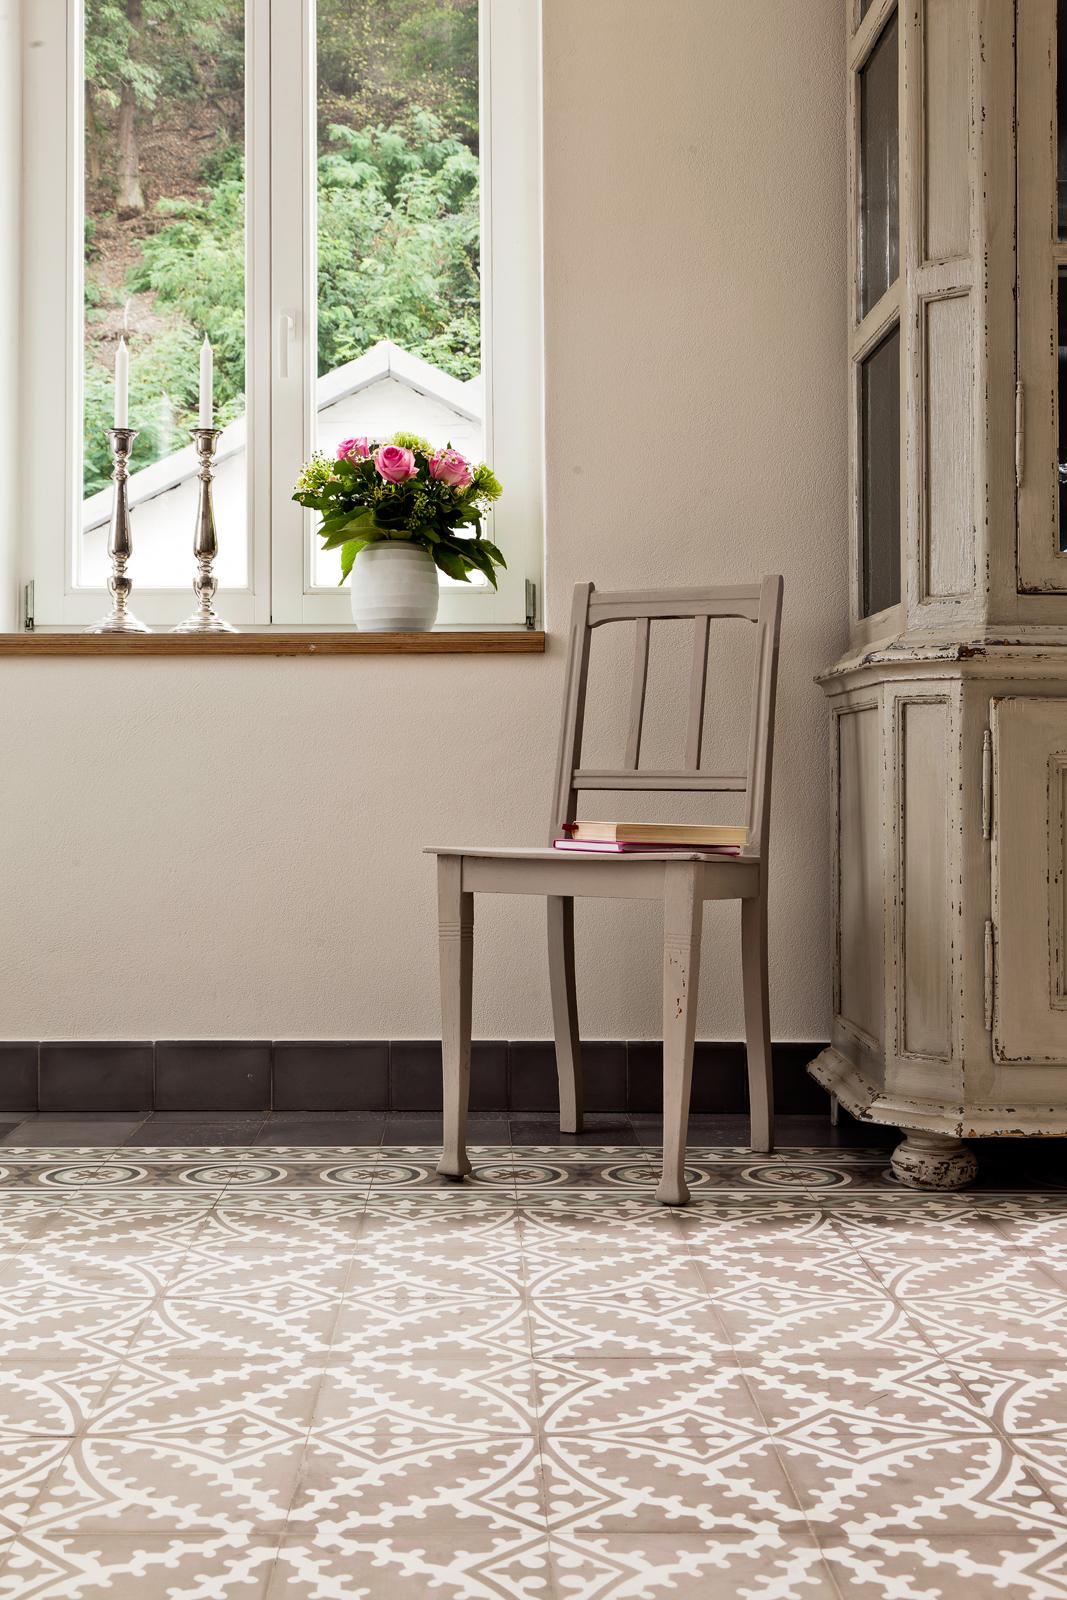 zementmosaikplatten-17354-salon-02-viaplatten | 17354